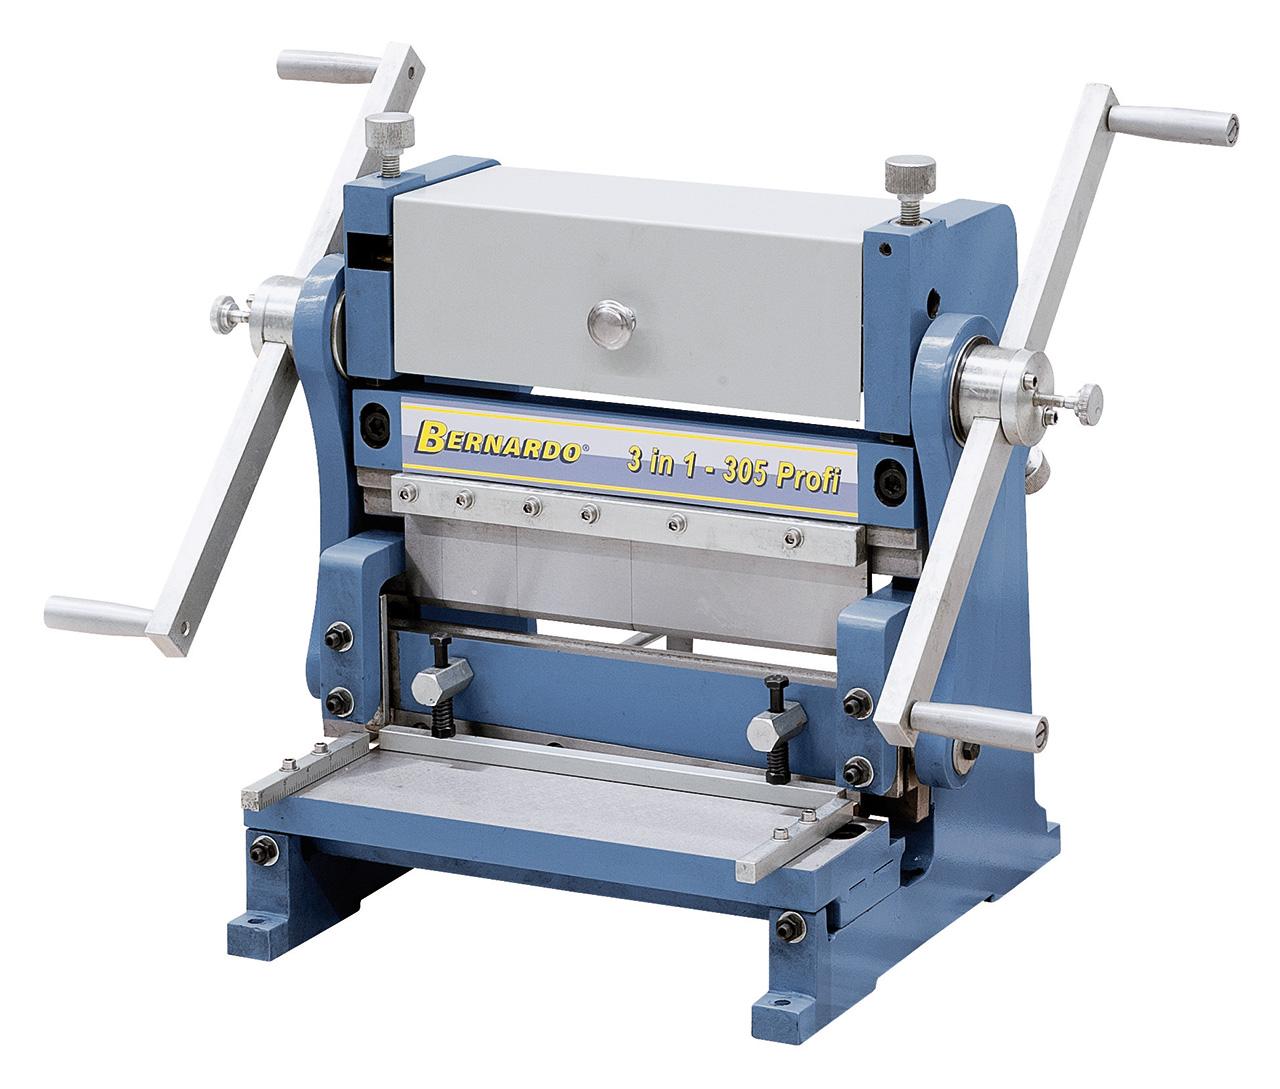 Maszyna uniwersalna do blachy 3 IN 1 - 305 Profi BERNARDO